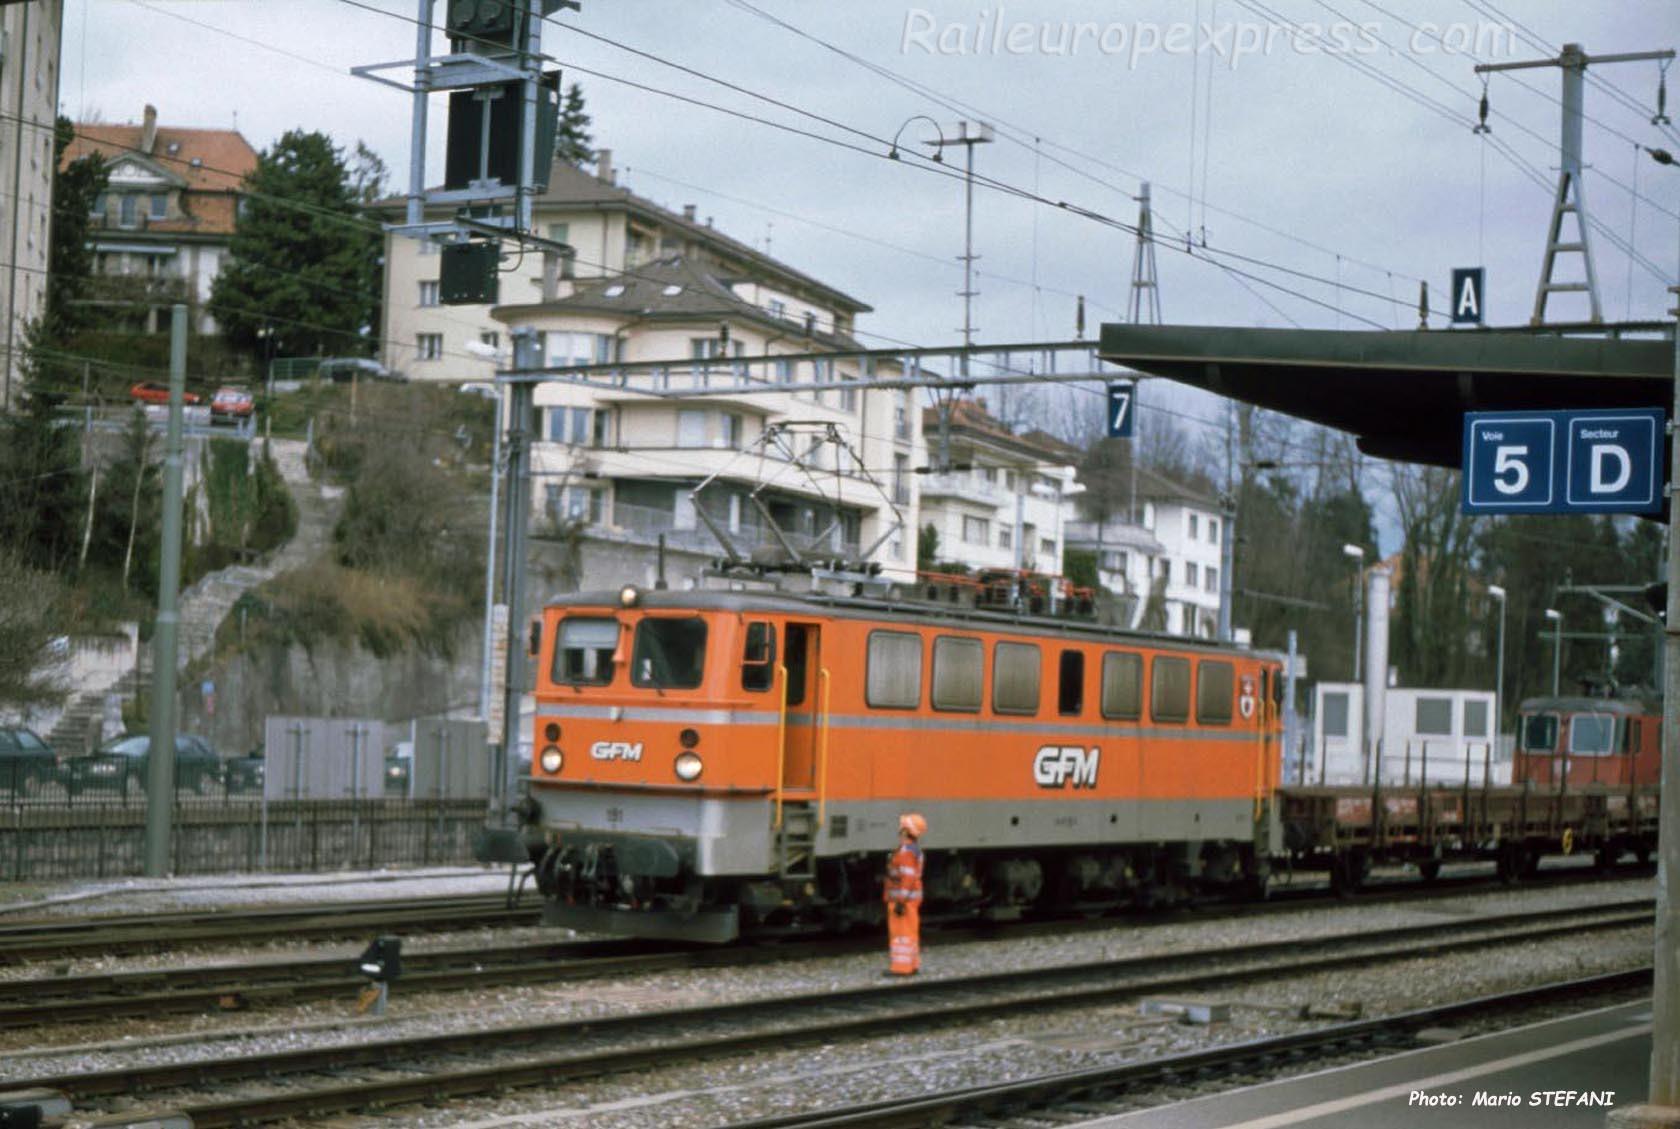 Ae 4/4 7 GFM à Fribourg (CH)